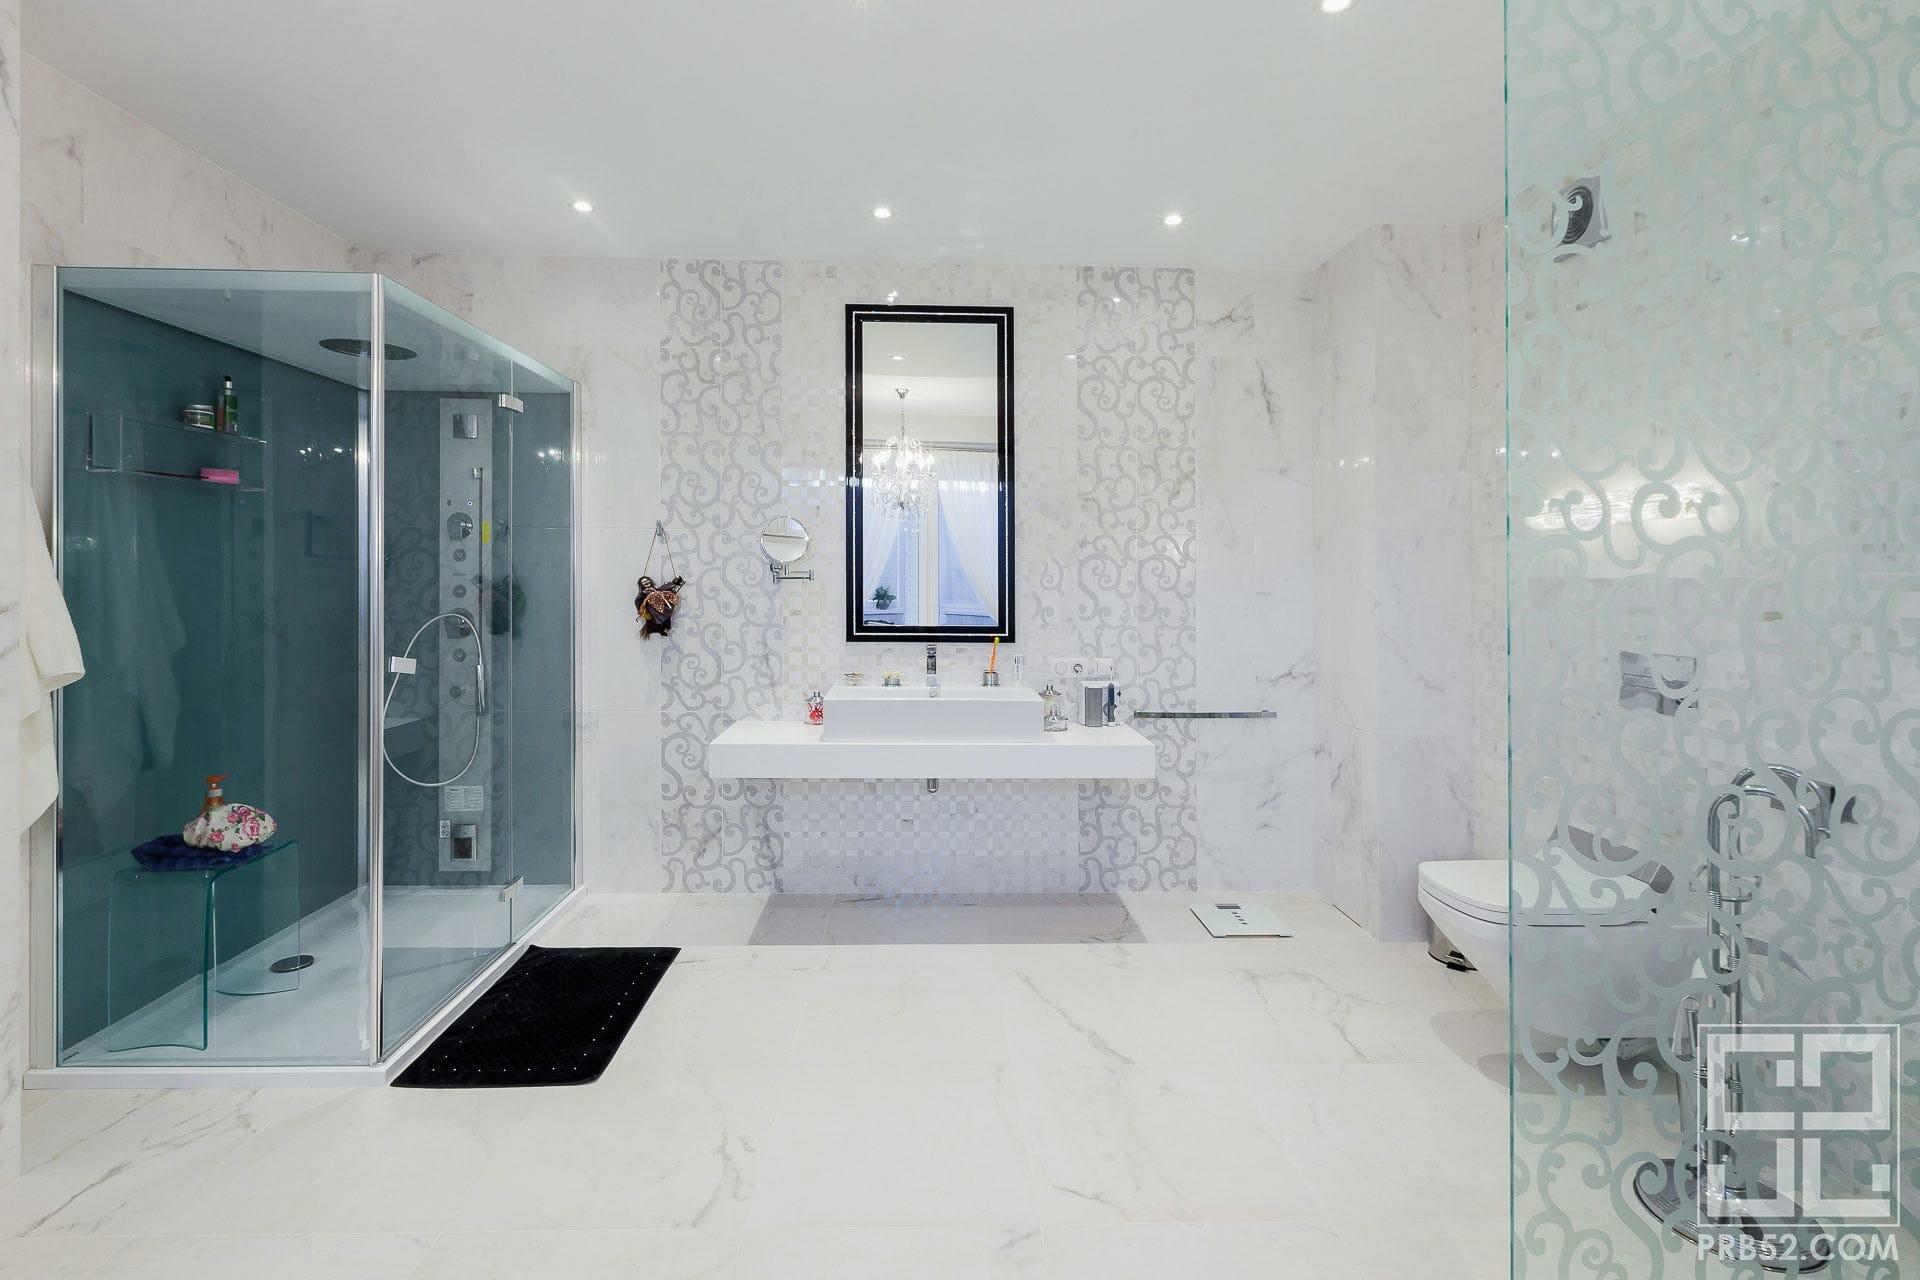 дизайн интерьера ванной комнаты фото